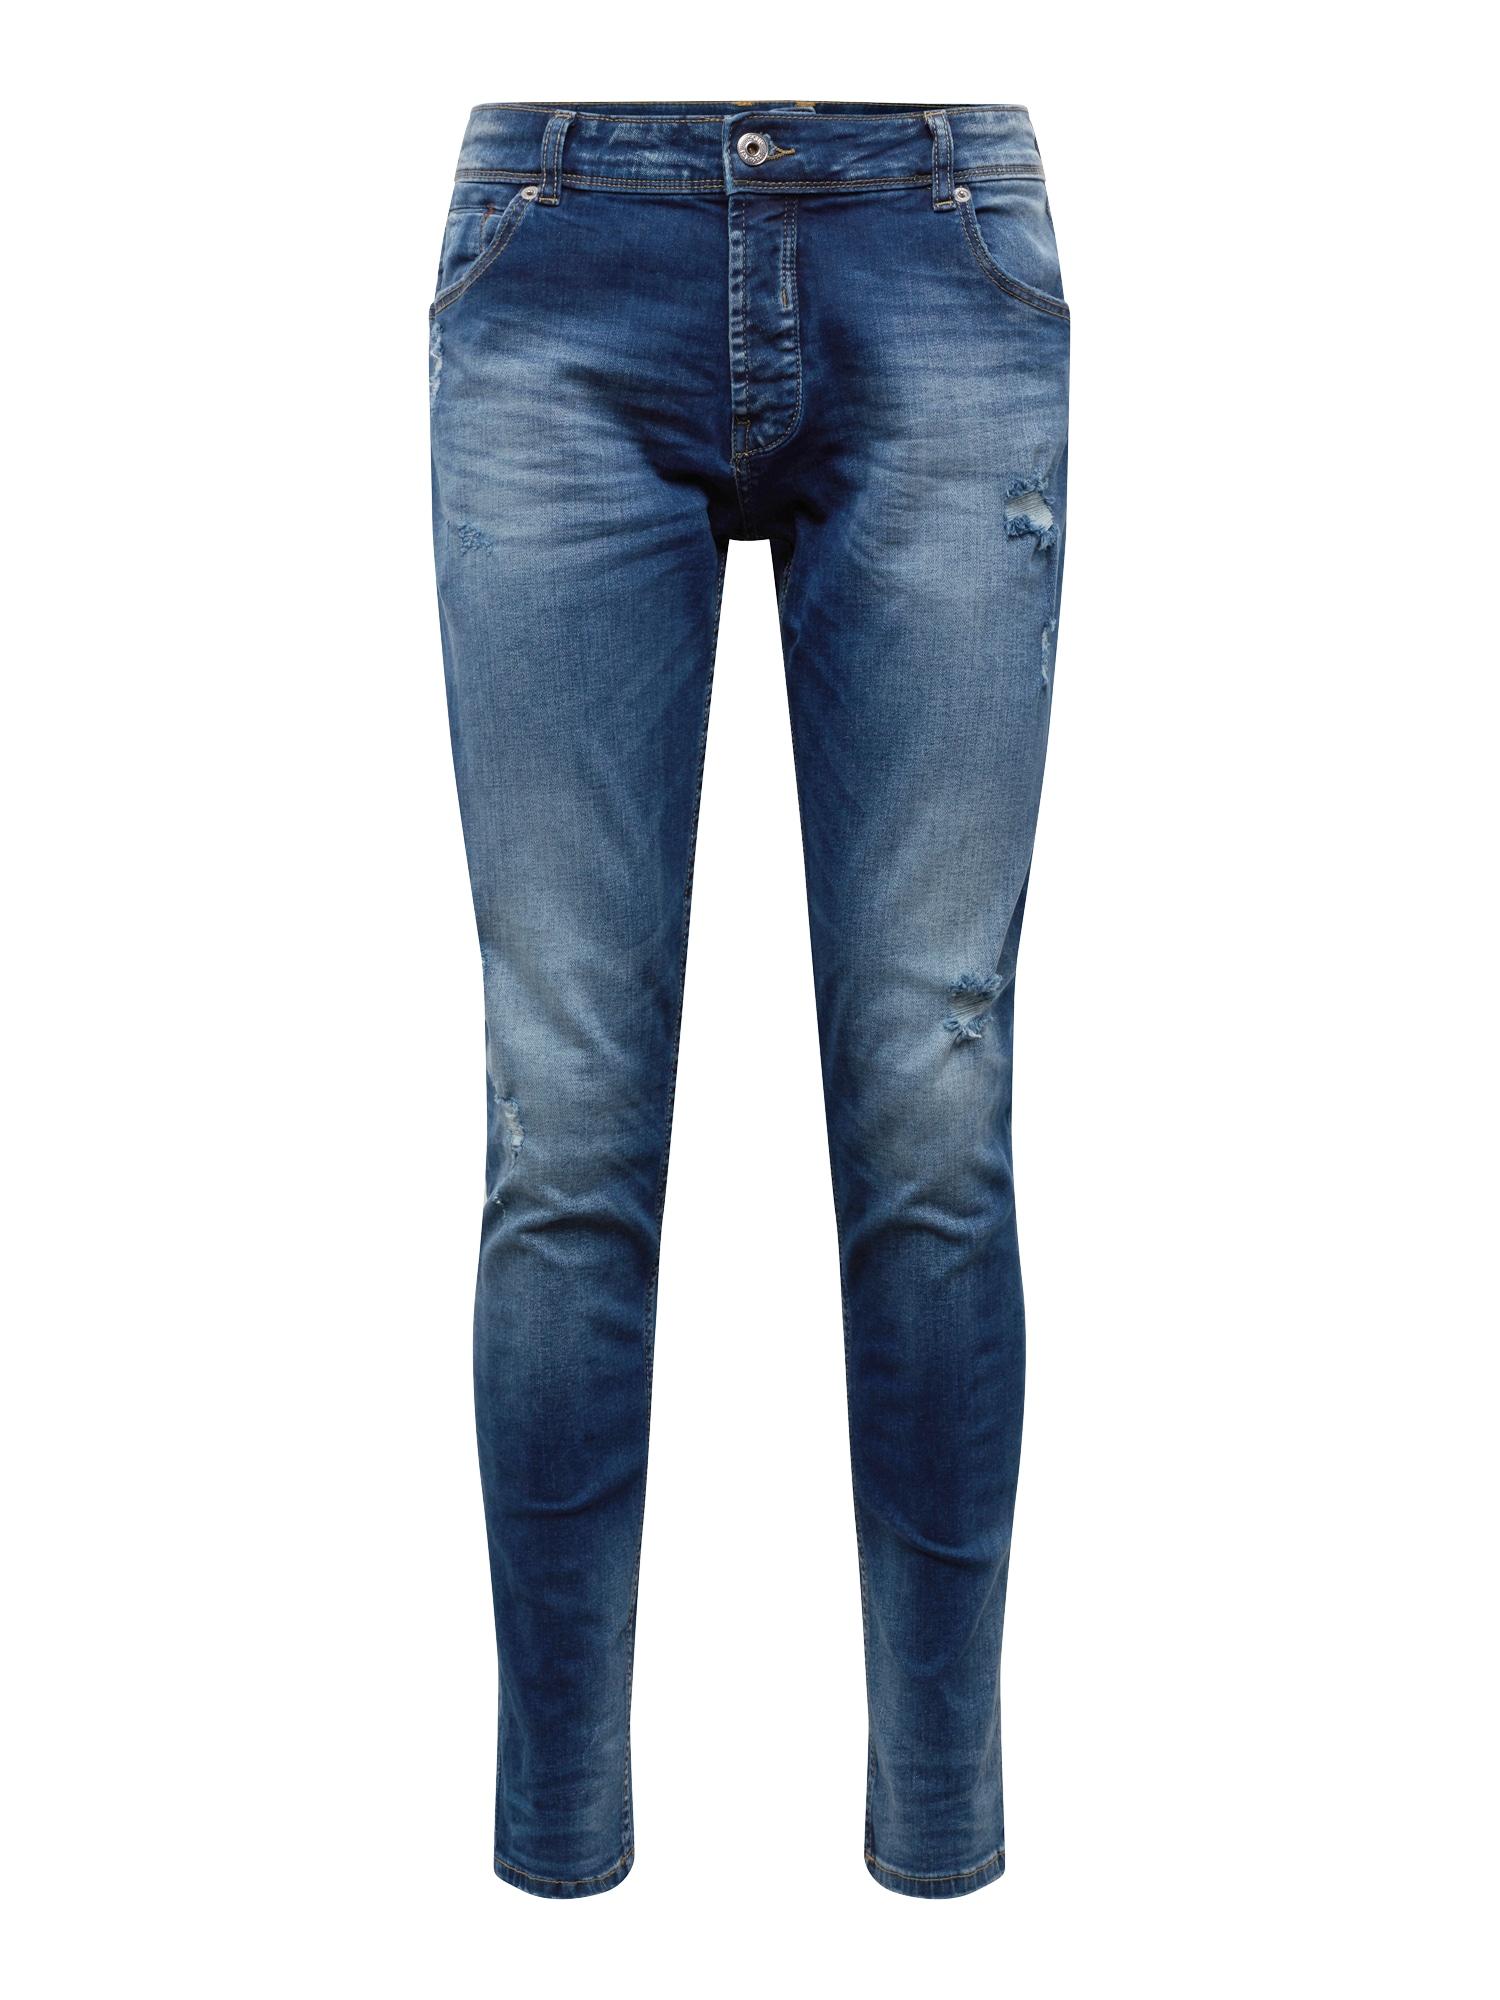 Džíny SLIM-JOY 2 BLUE145 STR modrá džínovina !Solid